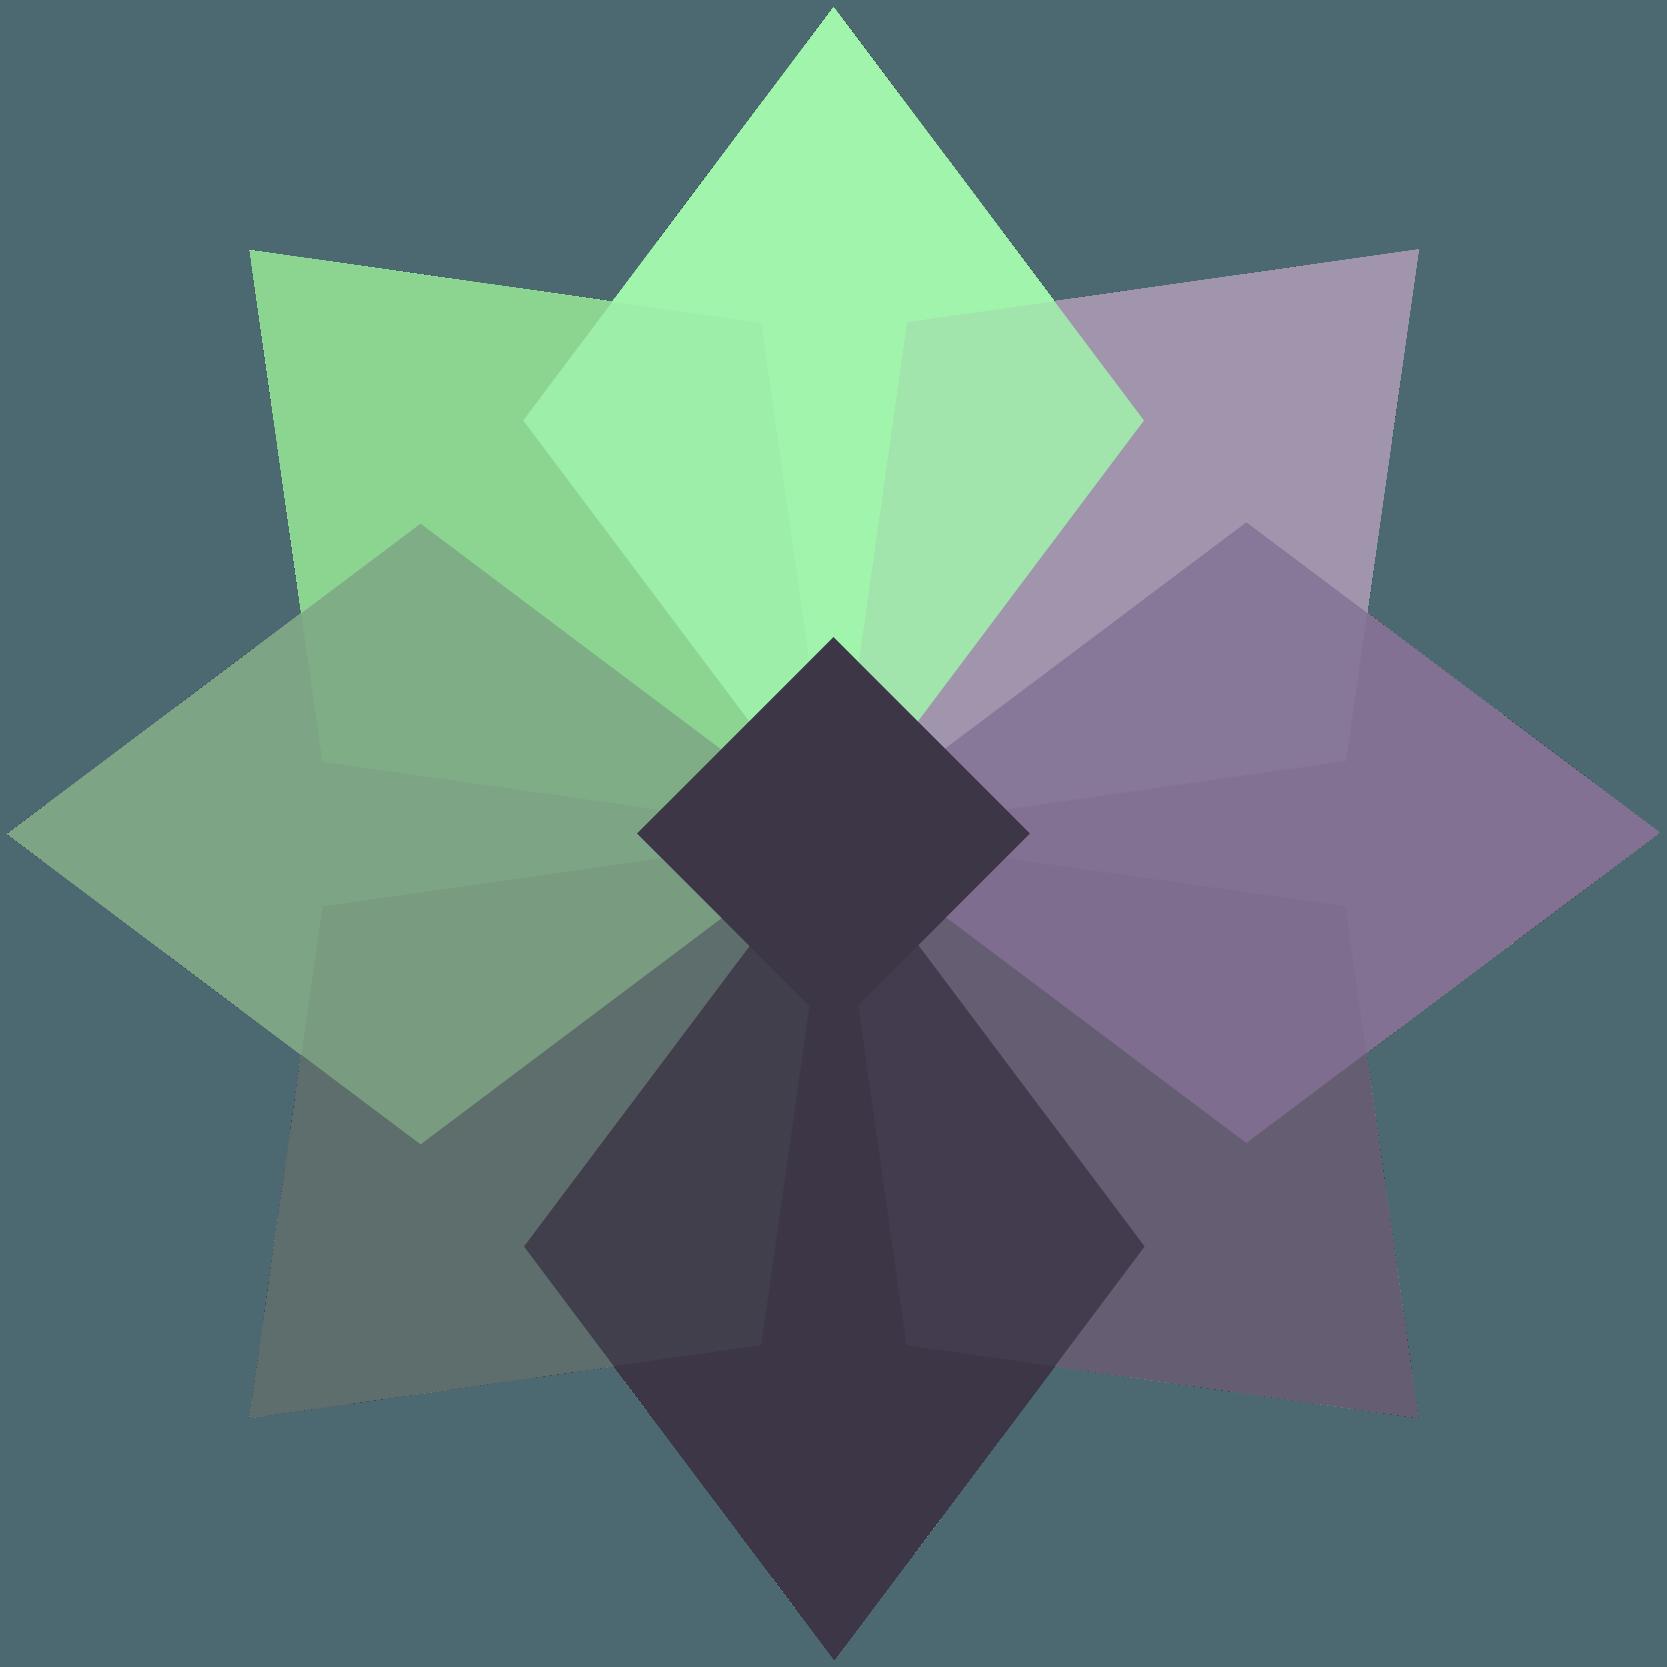 Ücretsiz, açık kaynaklı ve gelişmiş bir proje yönetimi platformu: Taiga.io